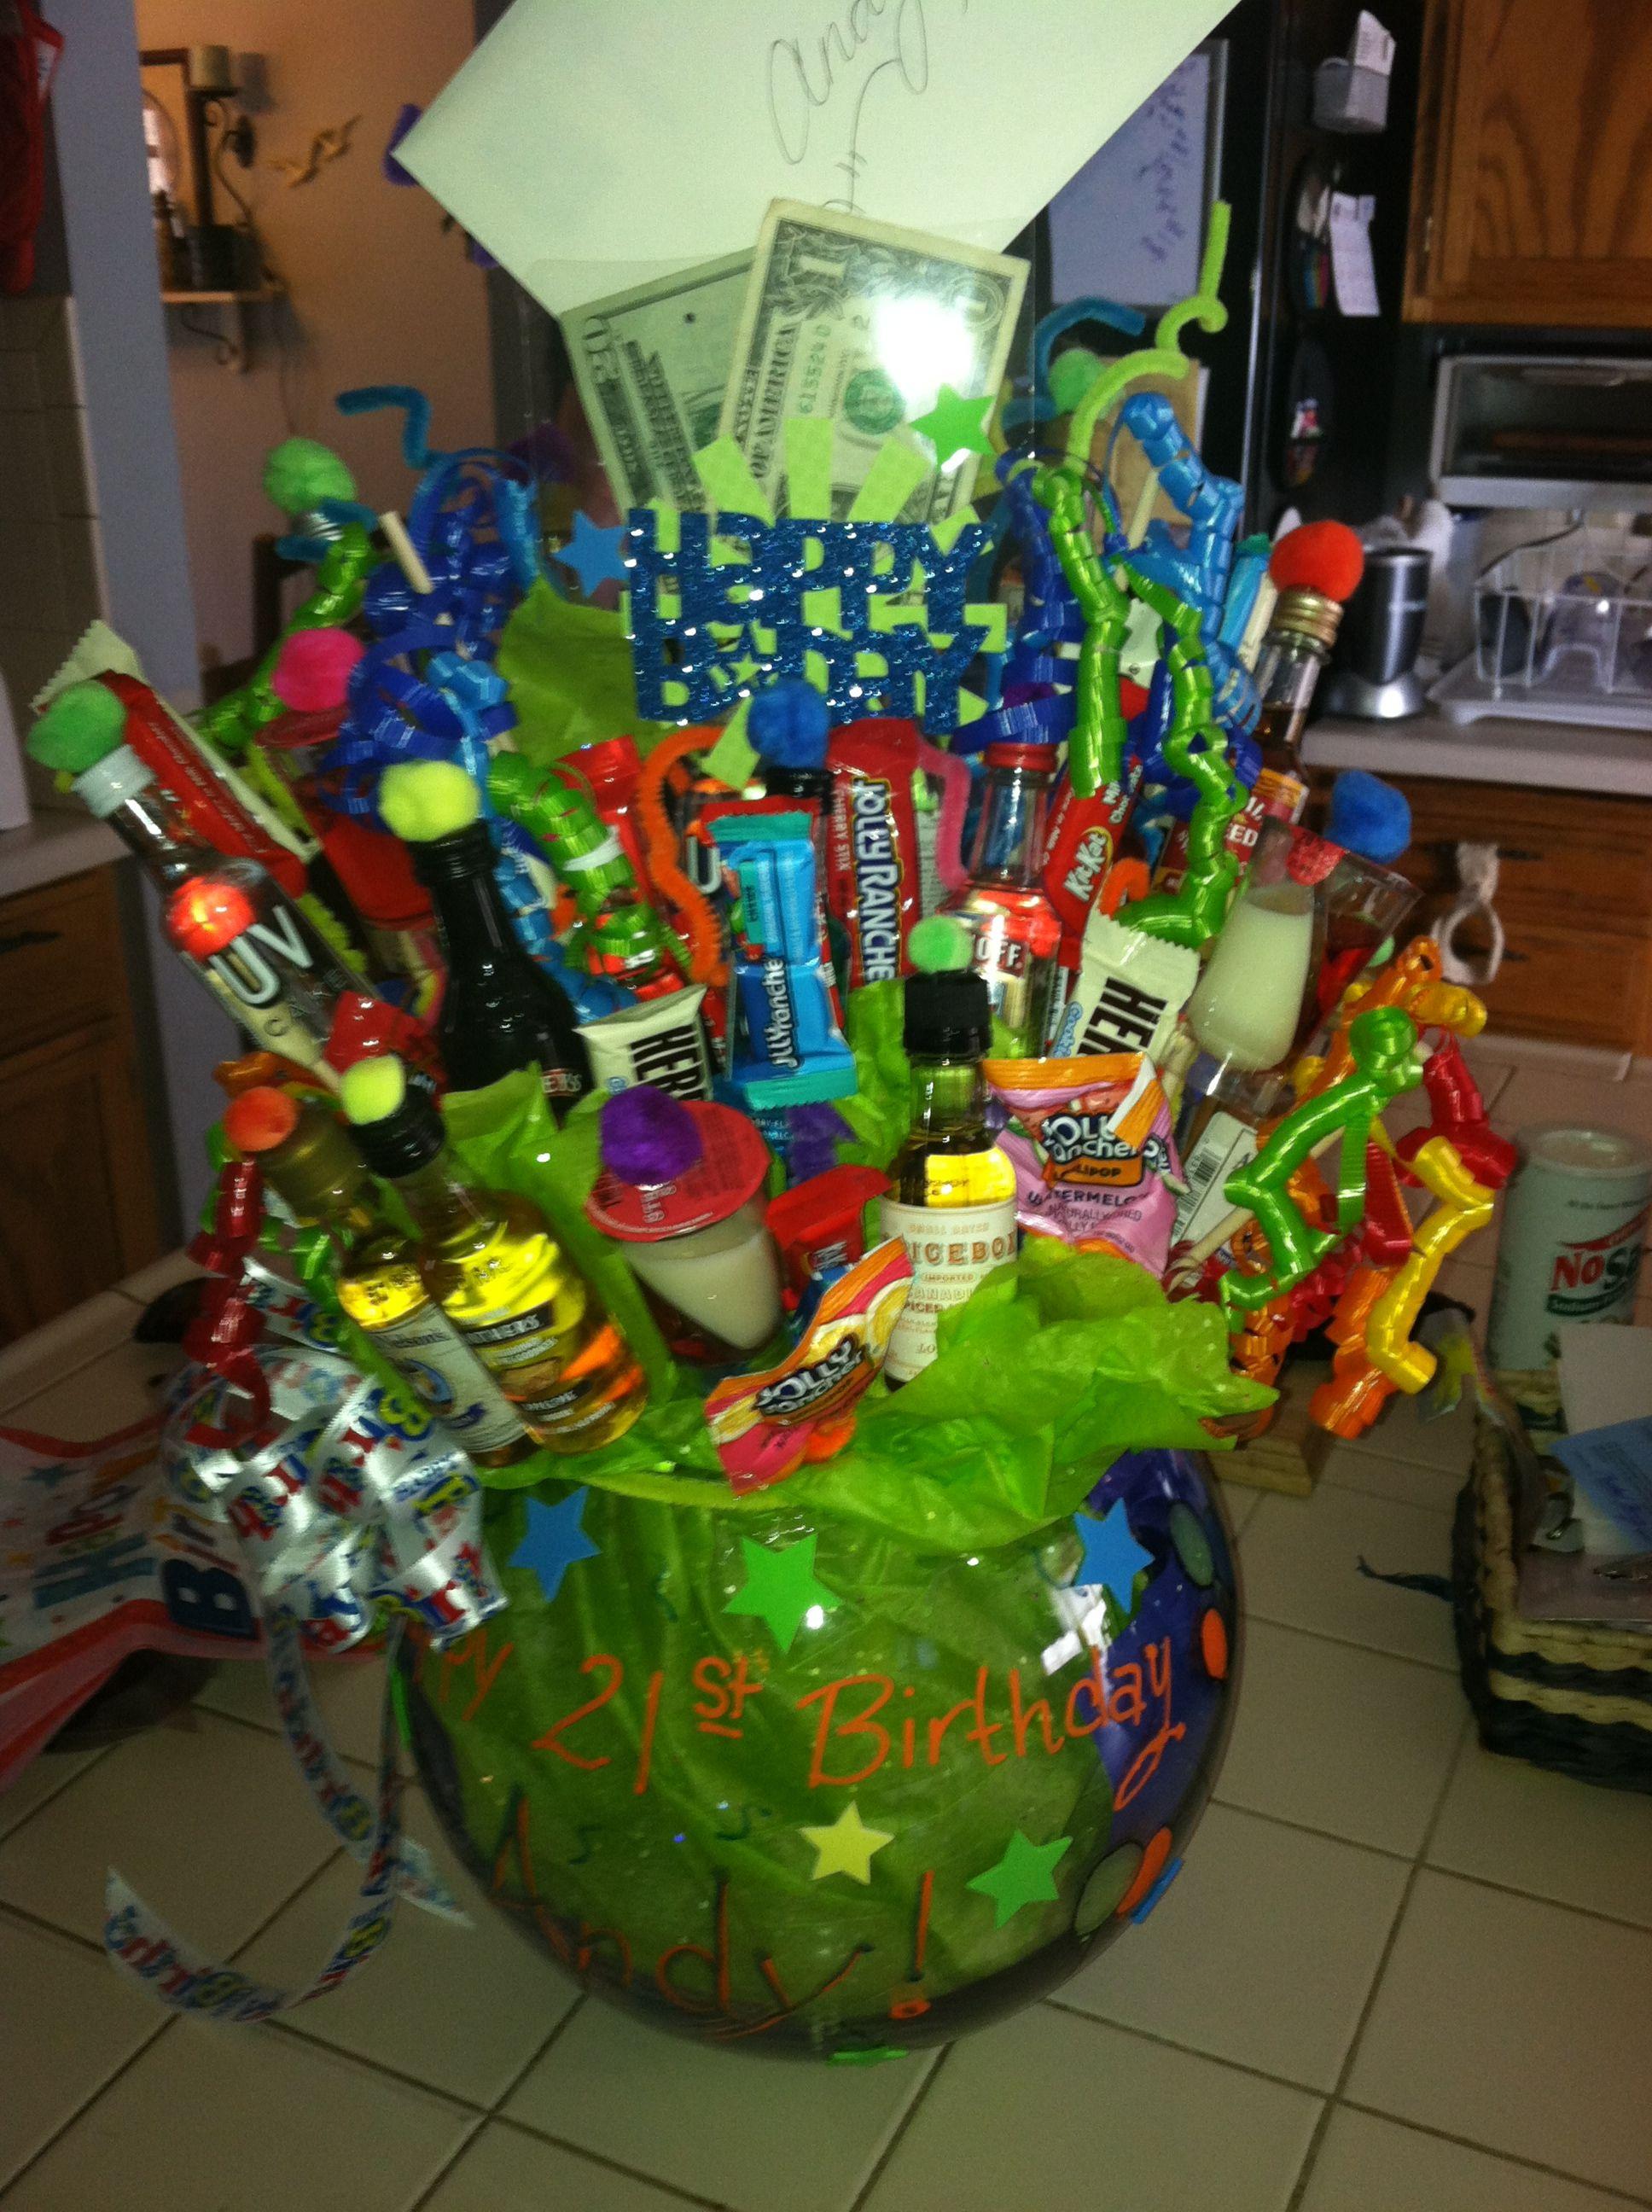 21st birthday present basket of shots 21st birthday